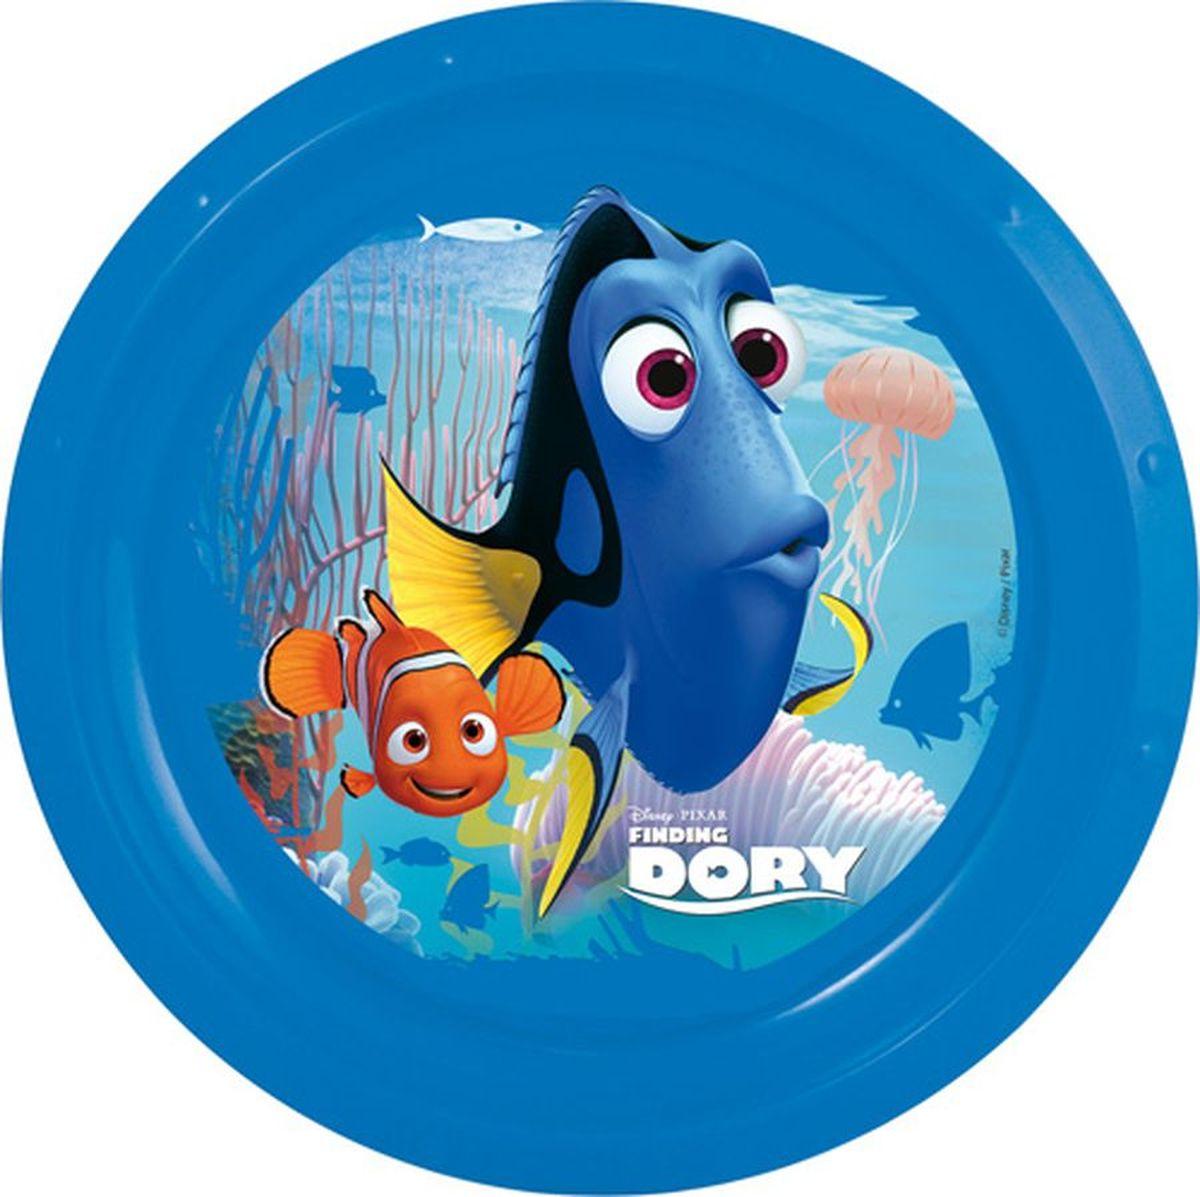 """Яркая тарелка """"Disney"""" превратит процесс кормления вашего малыша в веселую игру. Дно оформлено изображением героев любимого мультфильма.  Ваш ребенок будет кушать с большим удовольствием, стараясь быстрее добраться до картинки."""